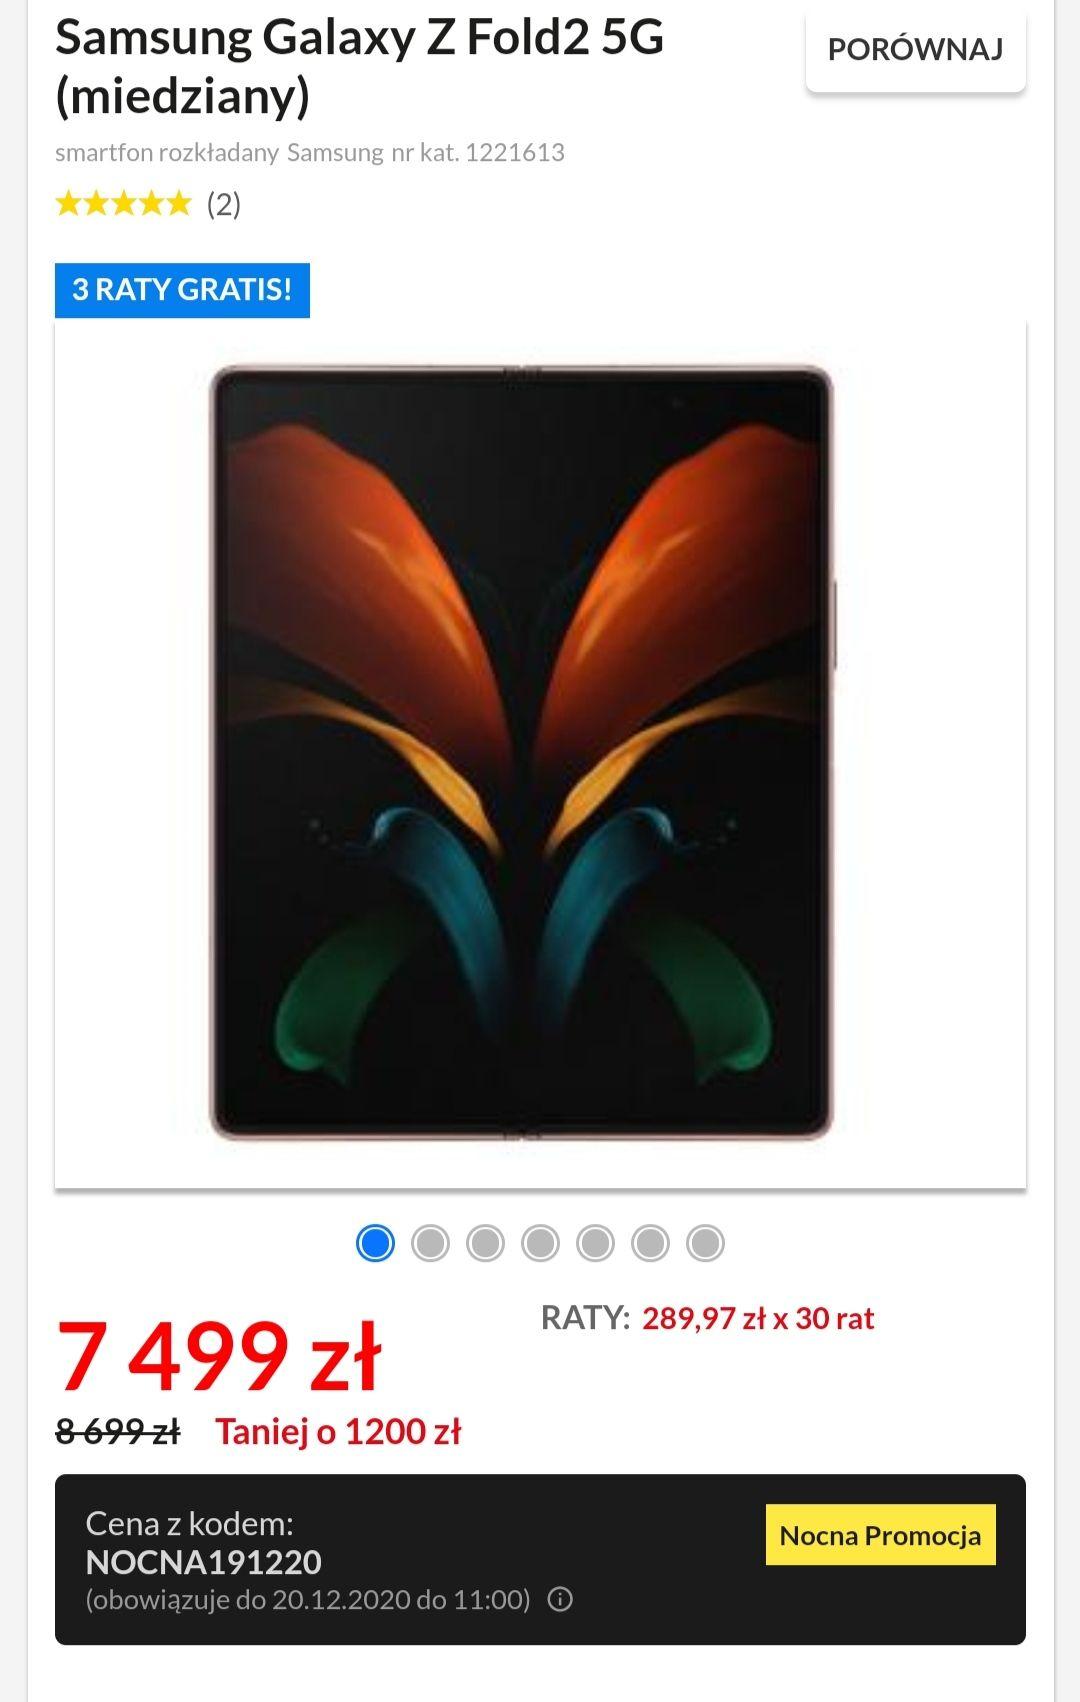 Samsung Galaxy Z Fold2 5G (miedziany)